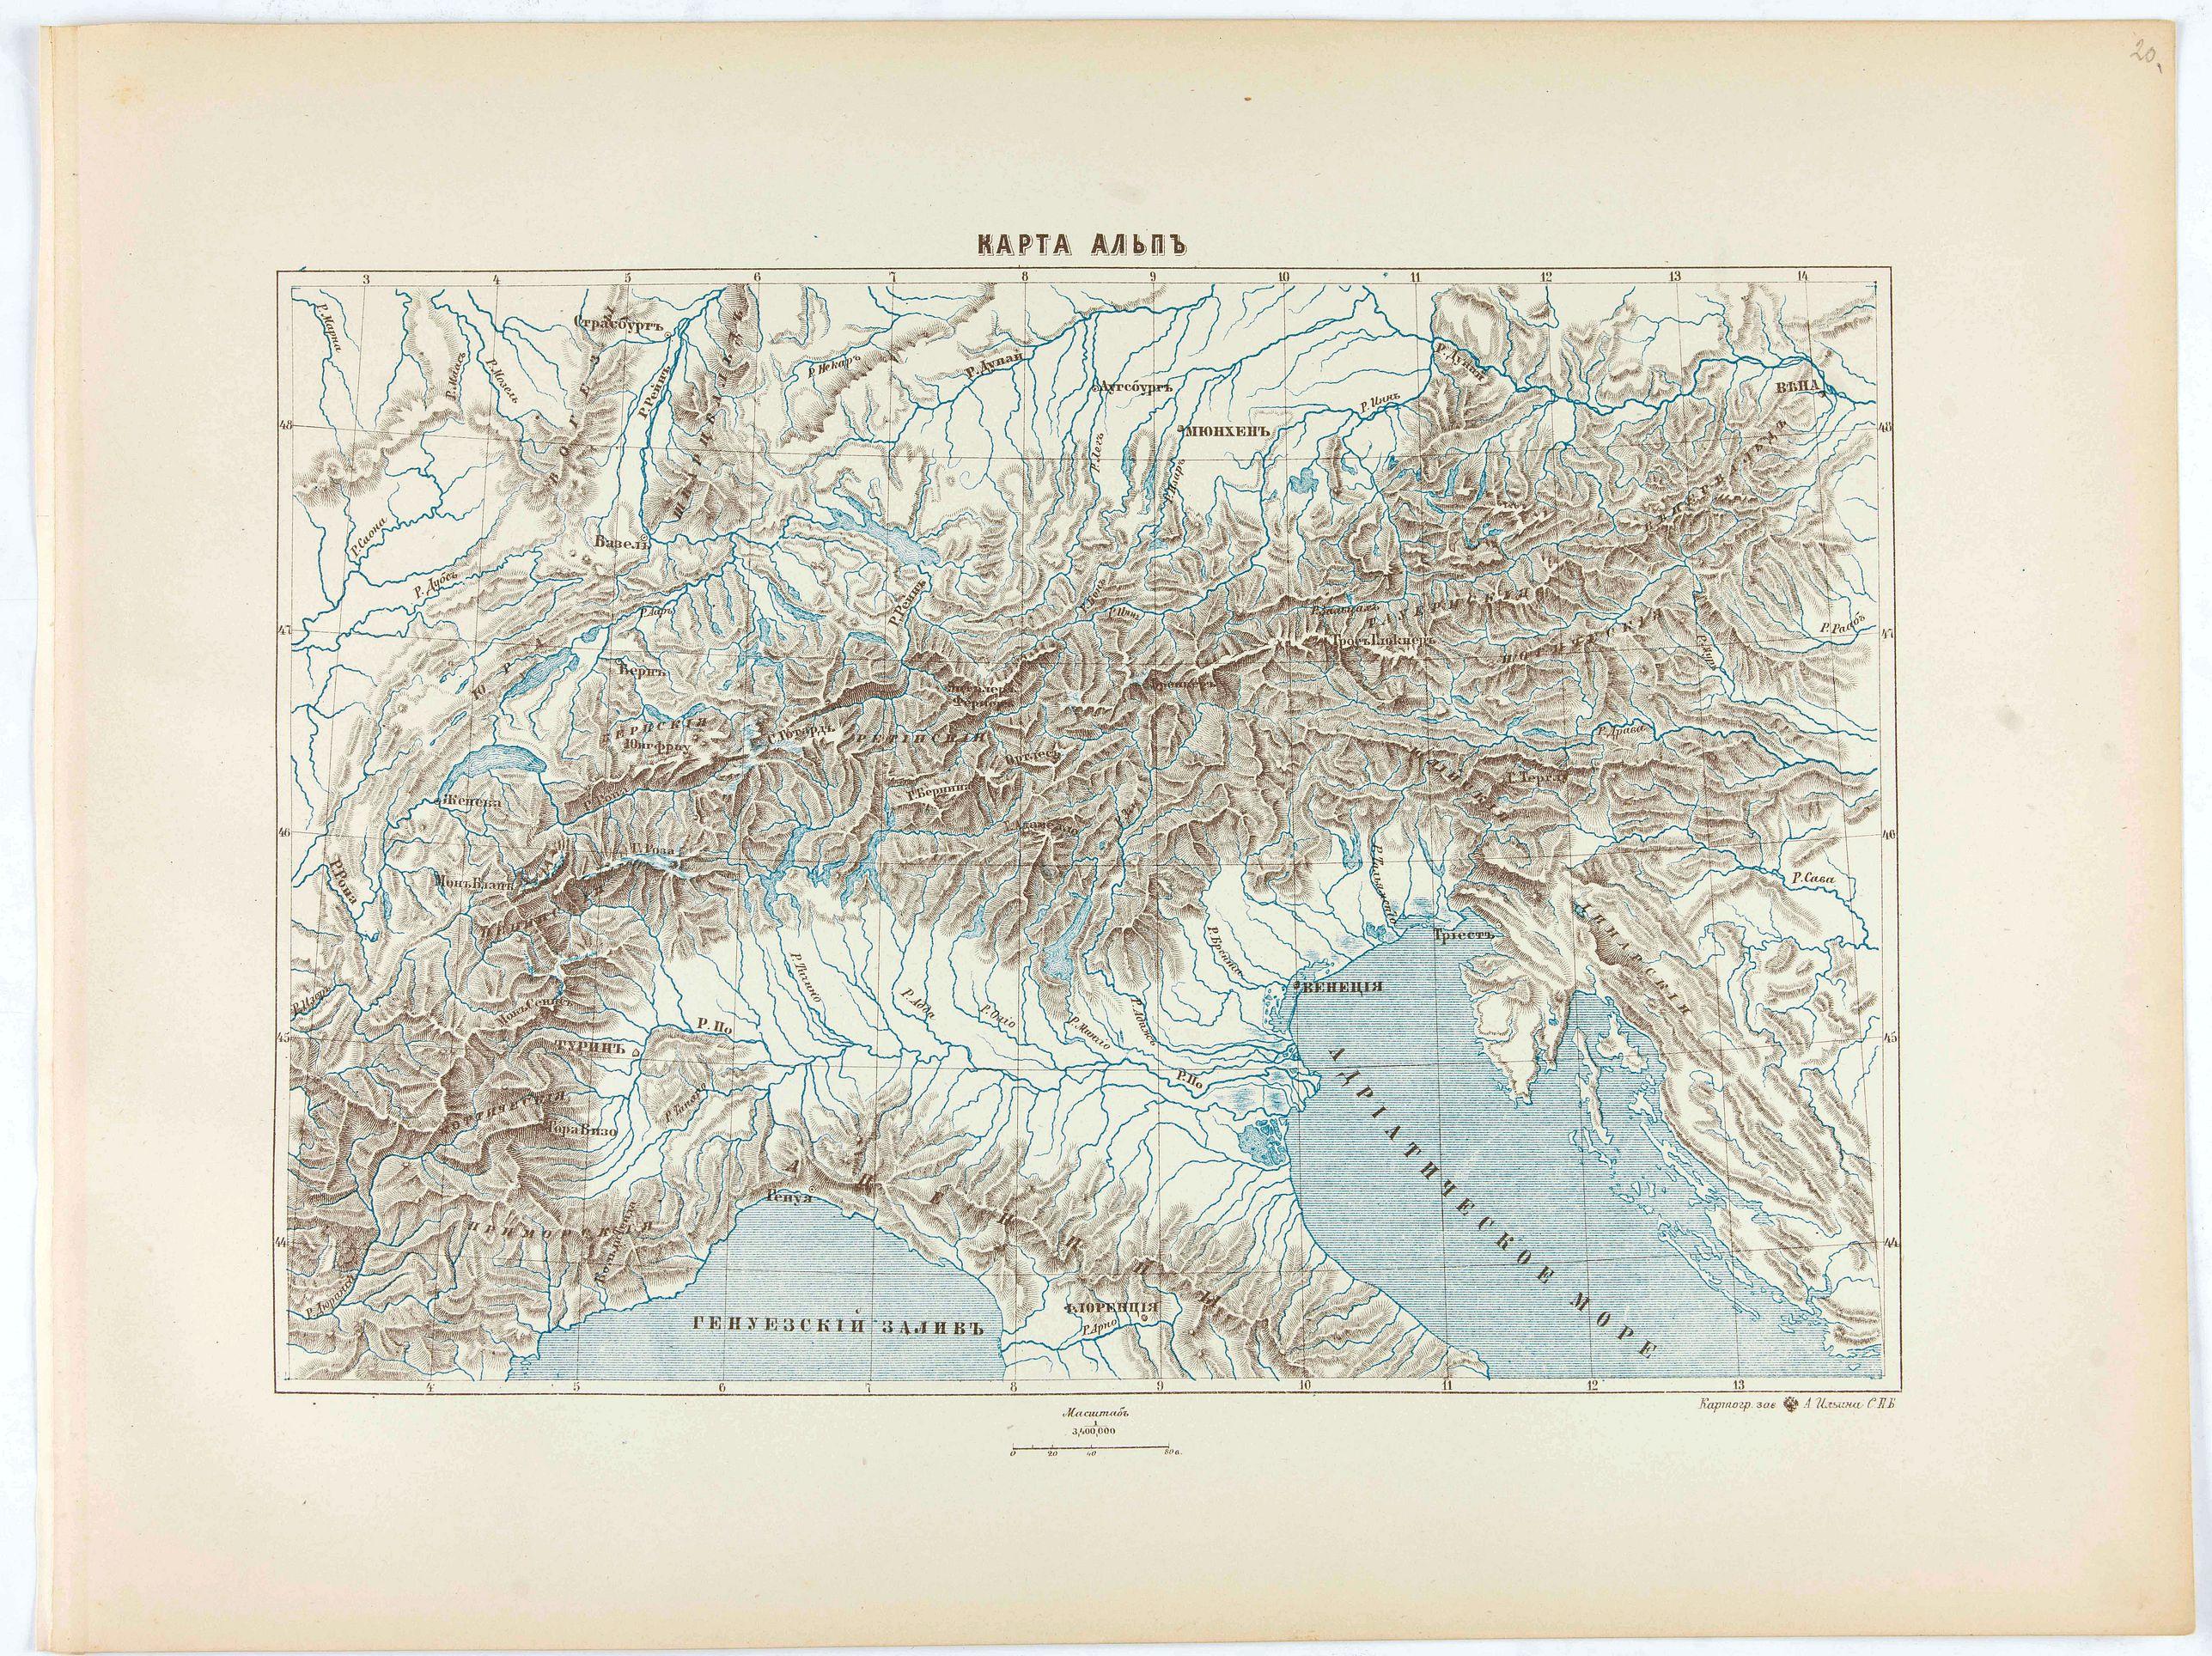 ILYIN, A. -  [Map of the Alps].